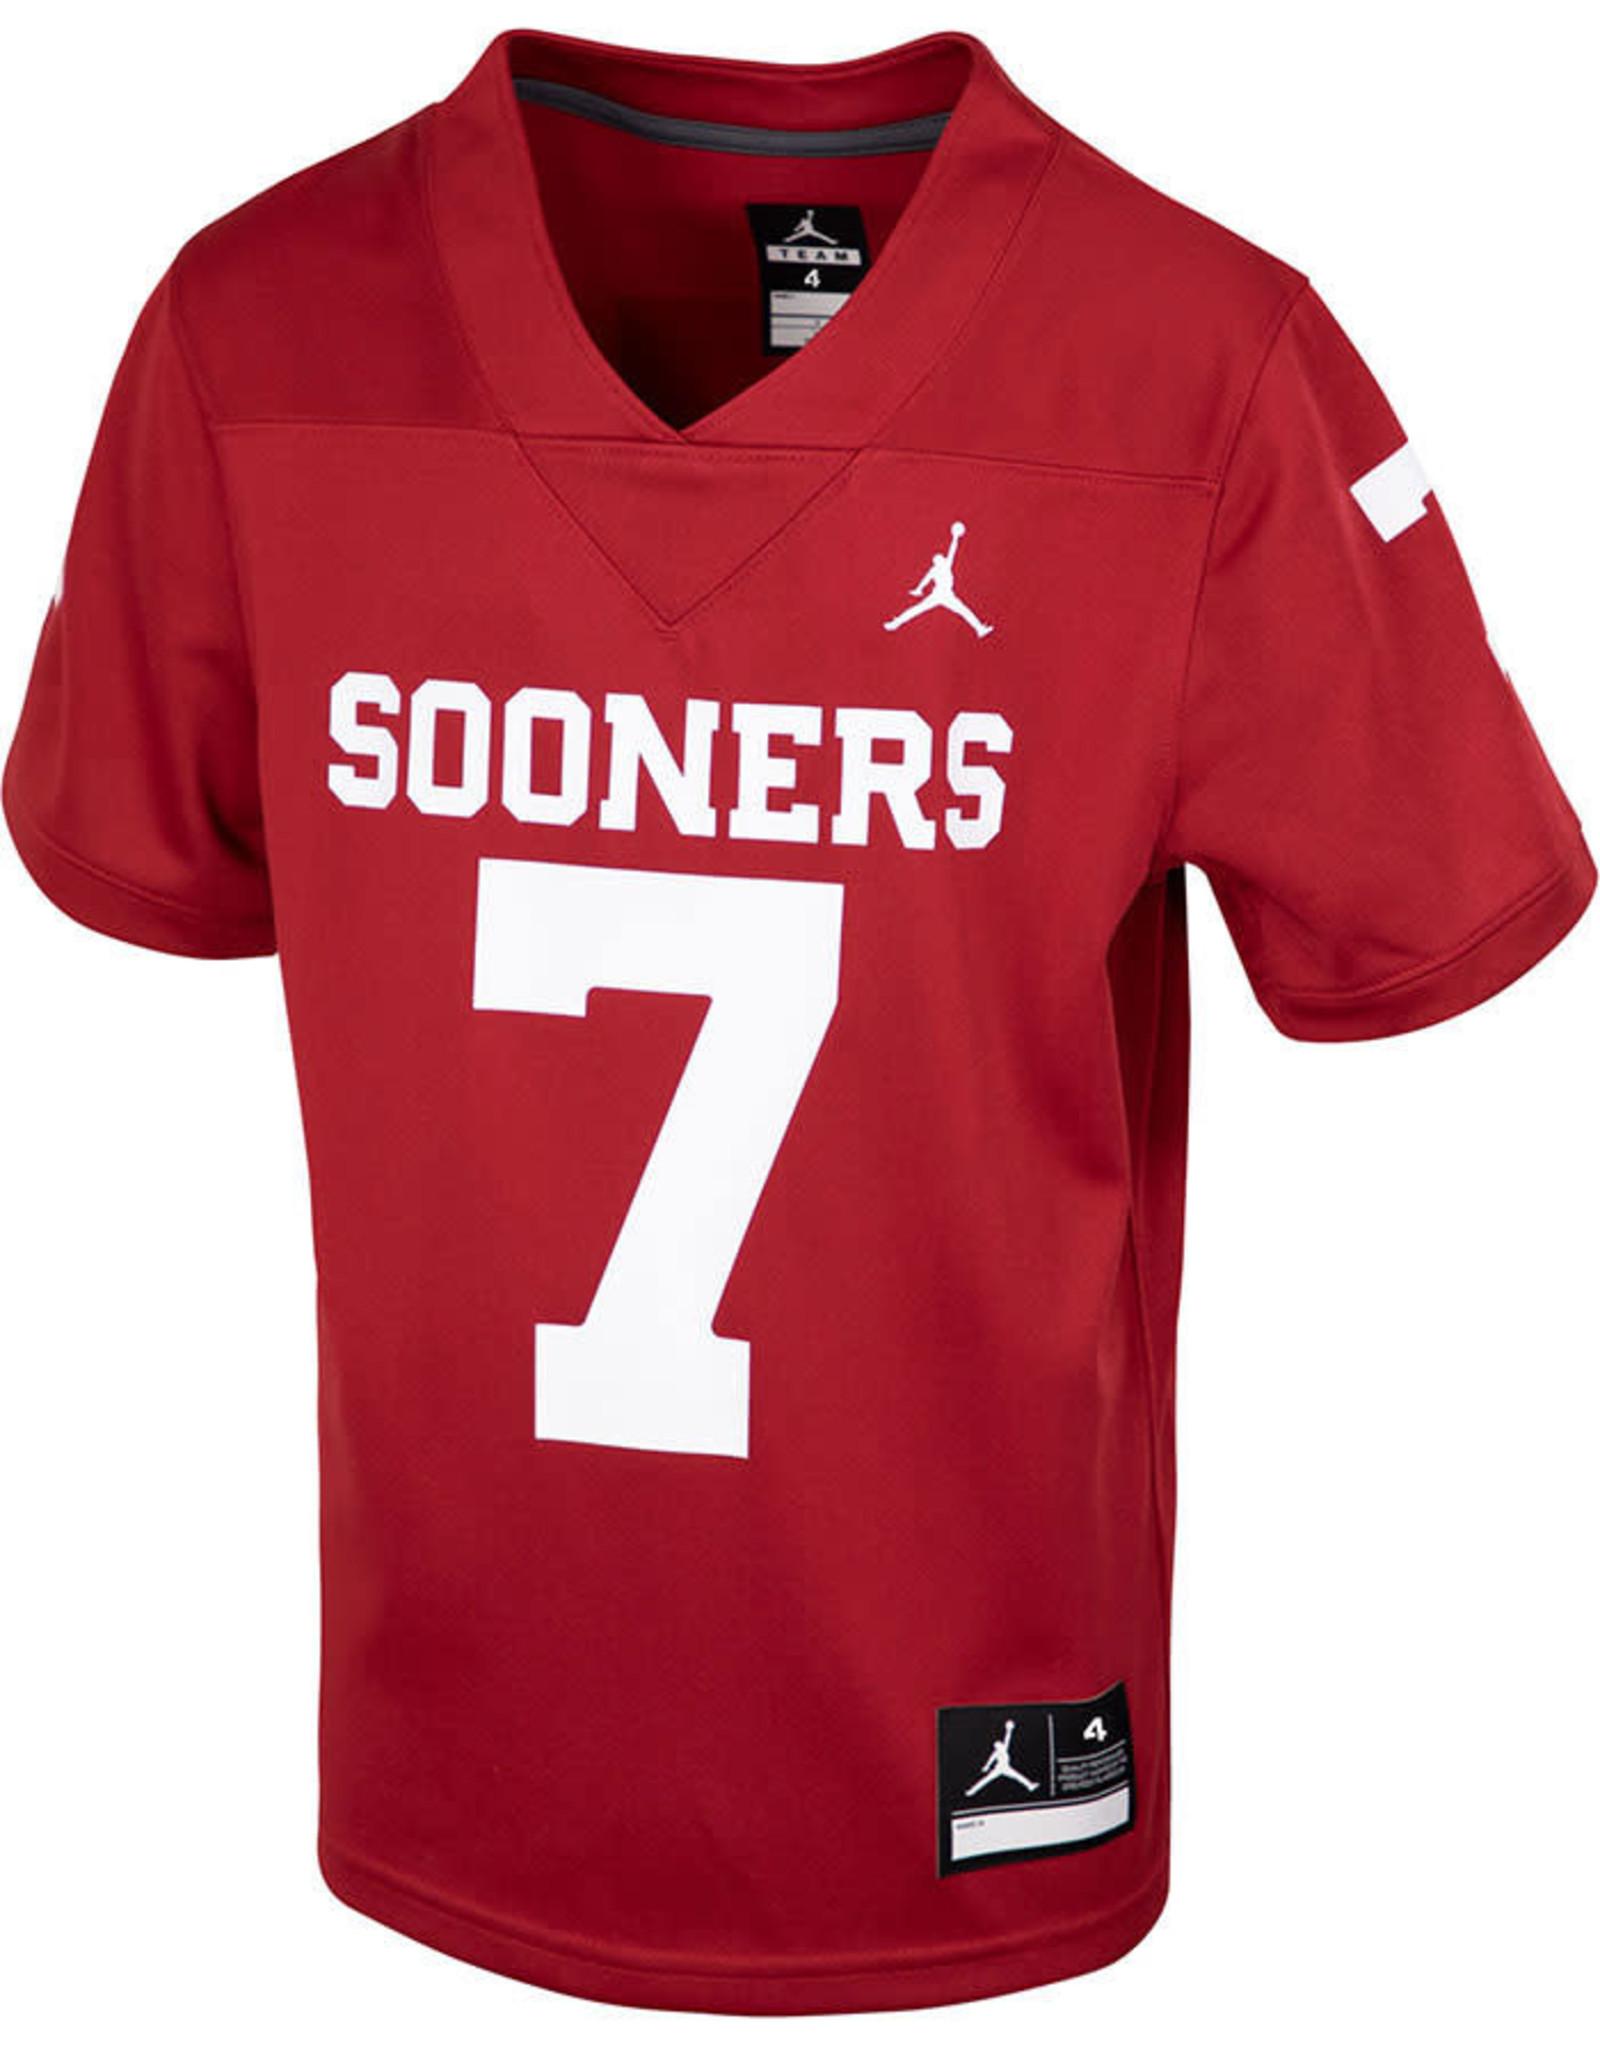 Jordan Toddler Jordan Brand #7 Sooners Football Jersey